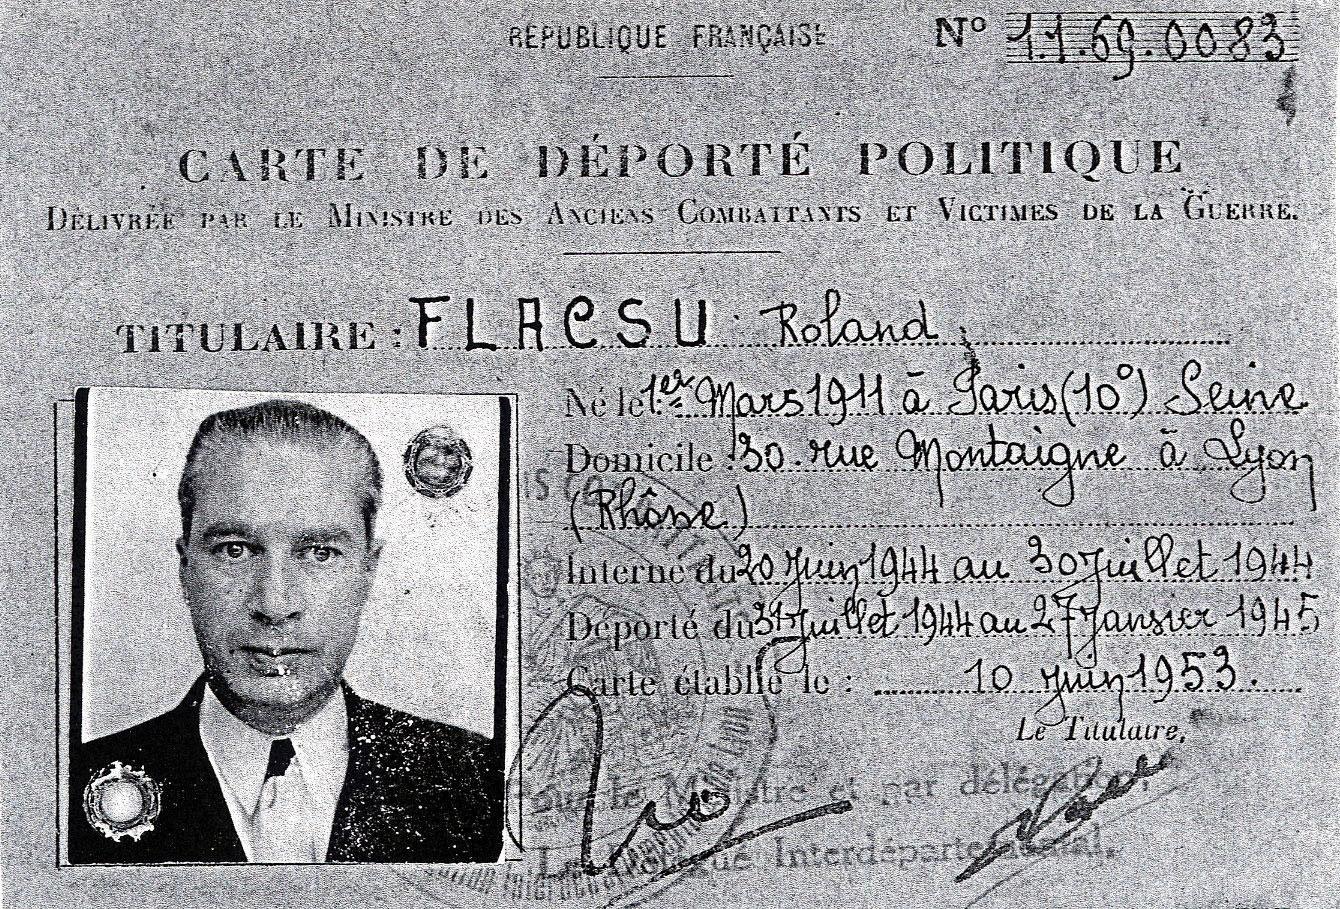 Carte de déporté politique de Roland, Flacsu, Lyon